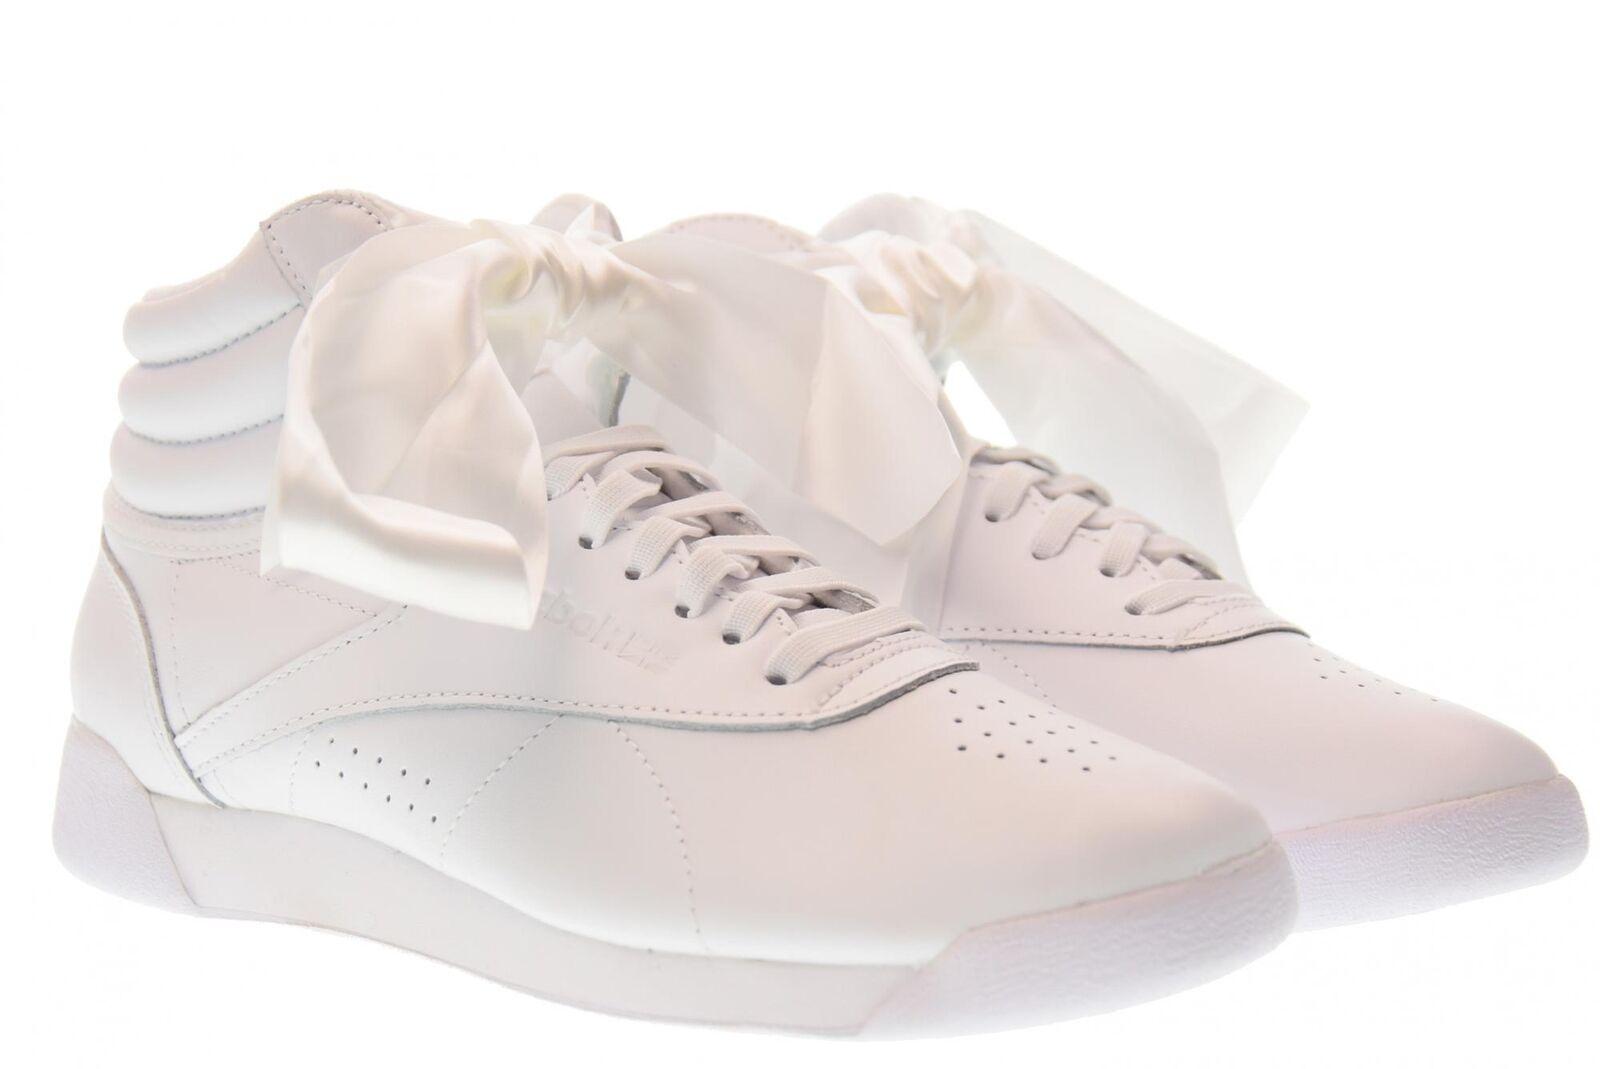 Reebok Femmes Haute Chaussures De Sport cm8903 F S Bonjour-Satin-coude p18g